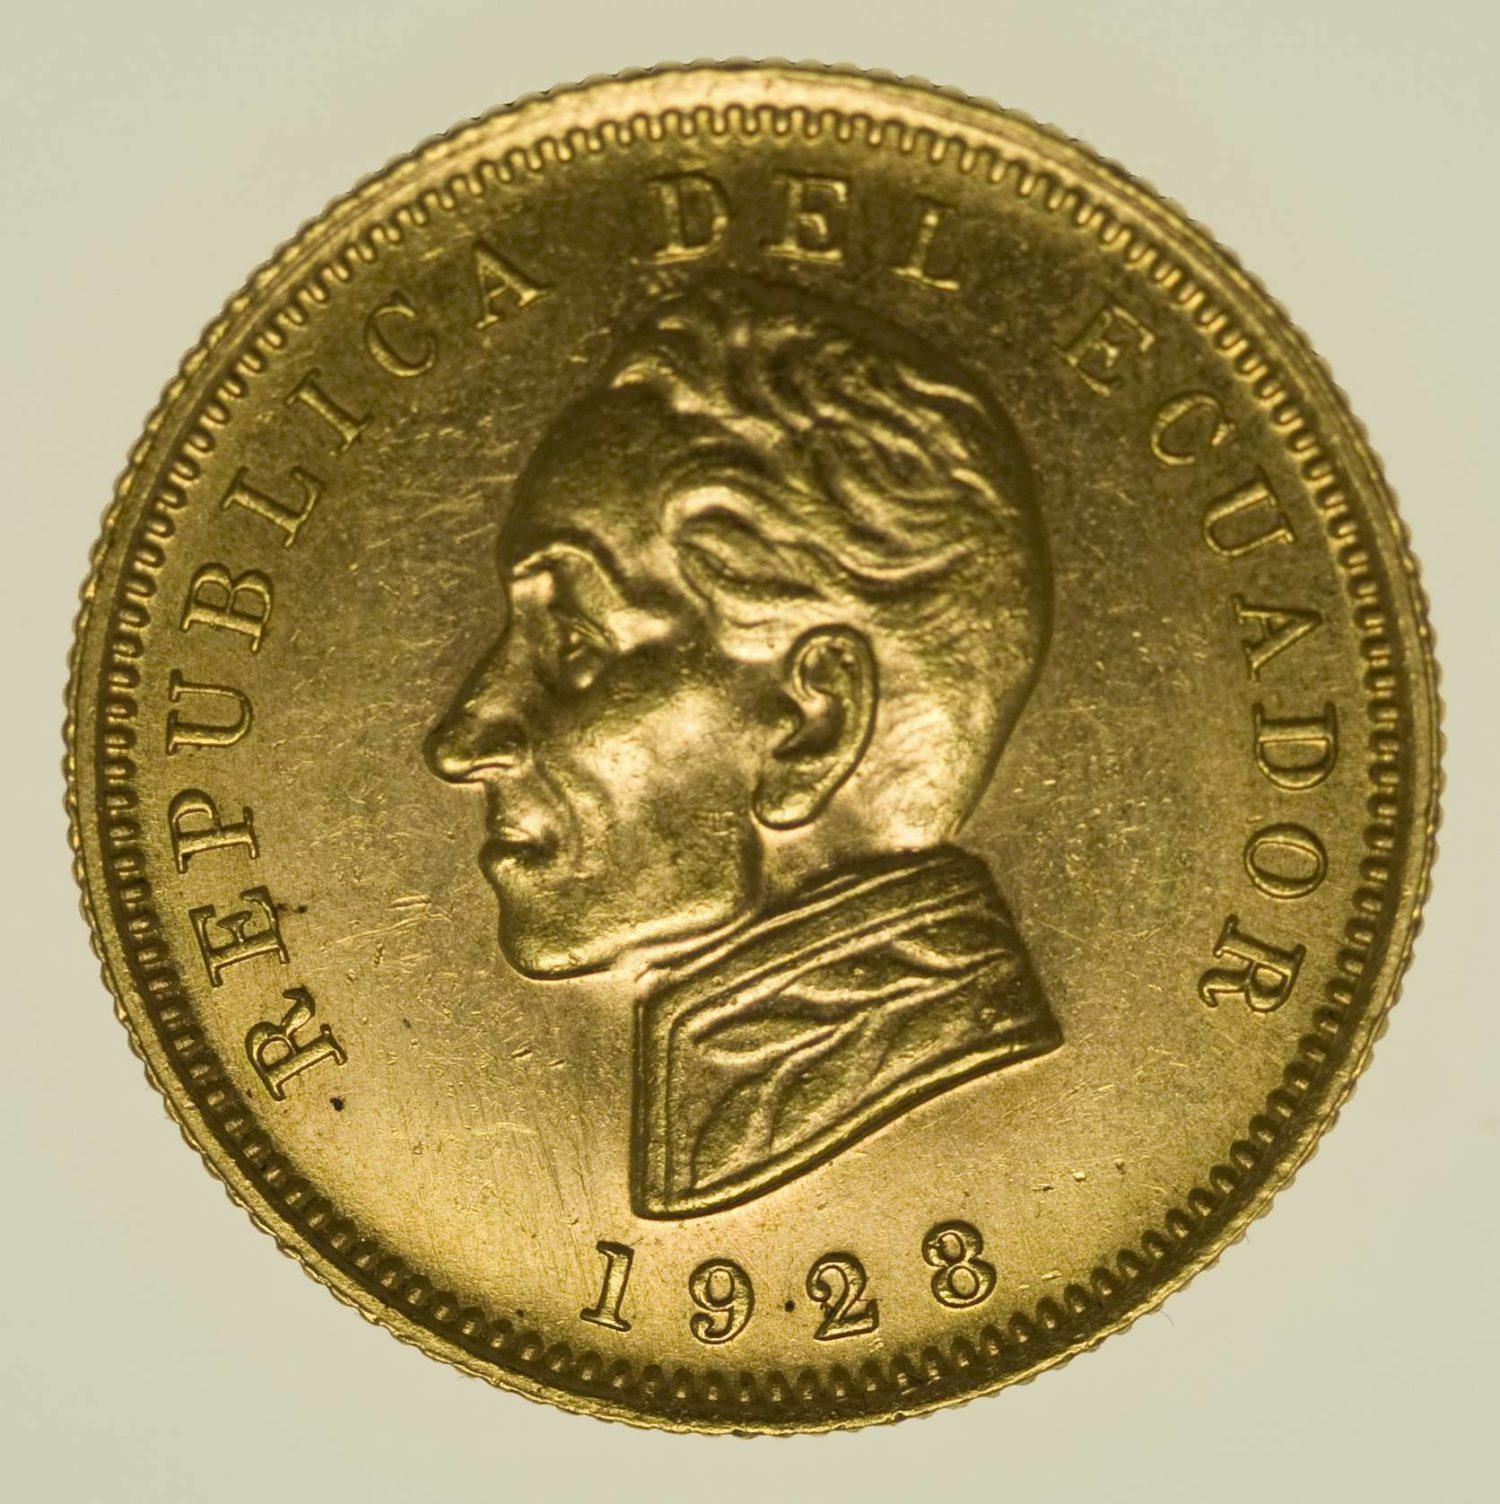 Ecuador Condor 1928 Gold 7,52 Gramm fein RAR